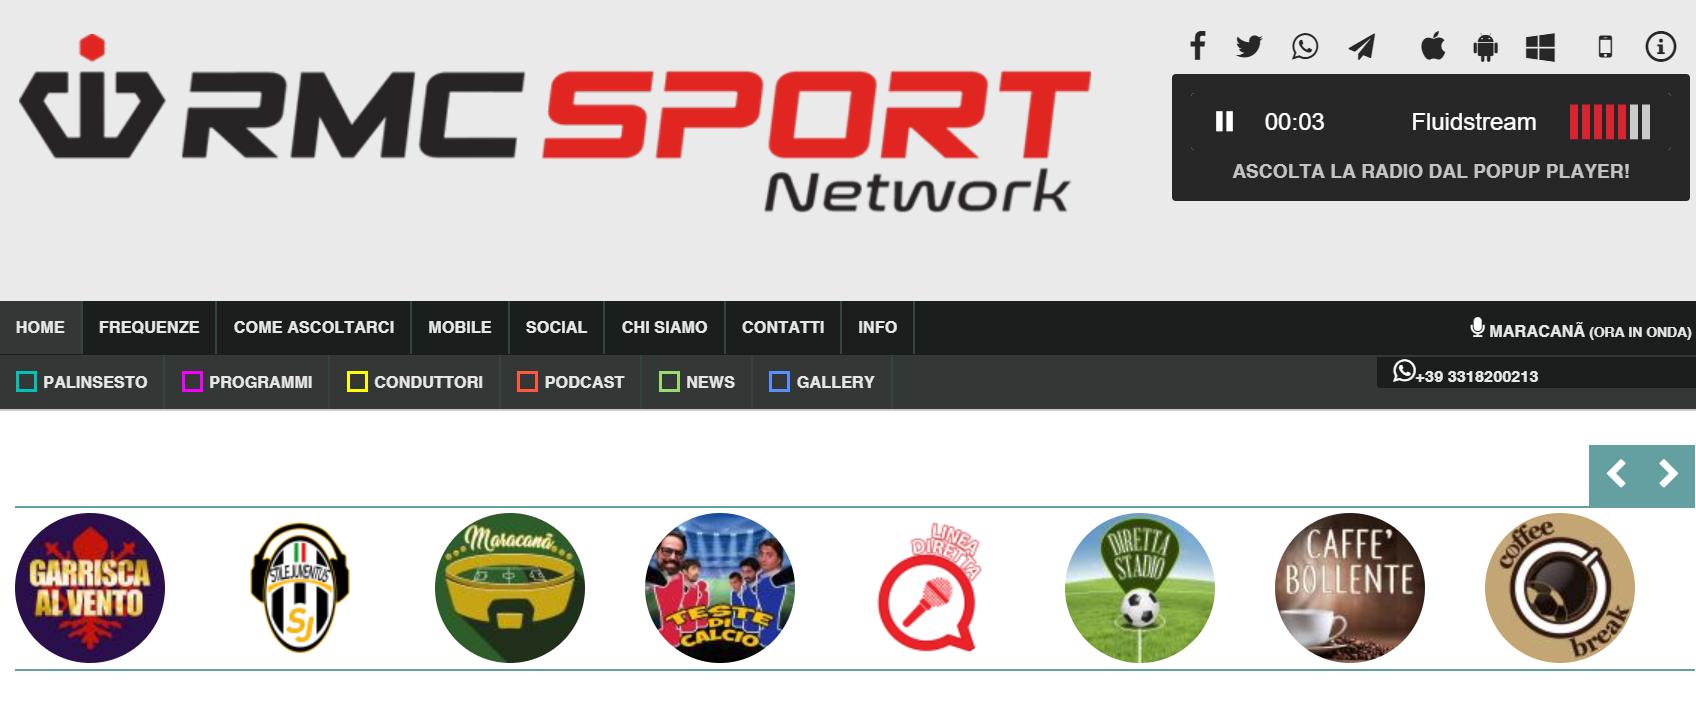 rmc sport sito - Radio. Ecco i retroscena di RMC Sport Network, la nuova emittente di Alberto Hazan